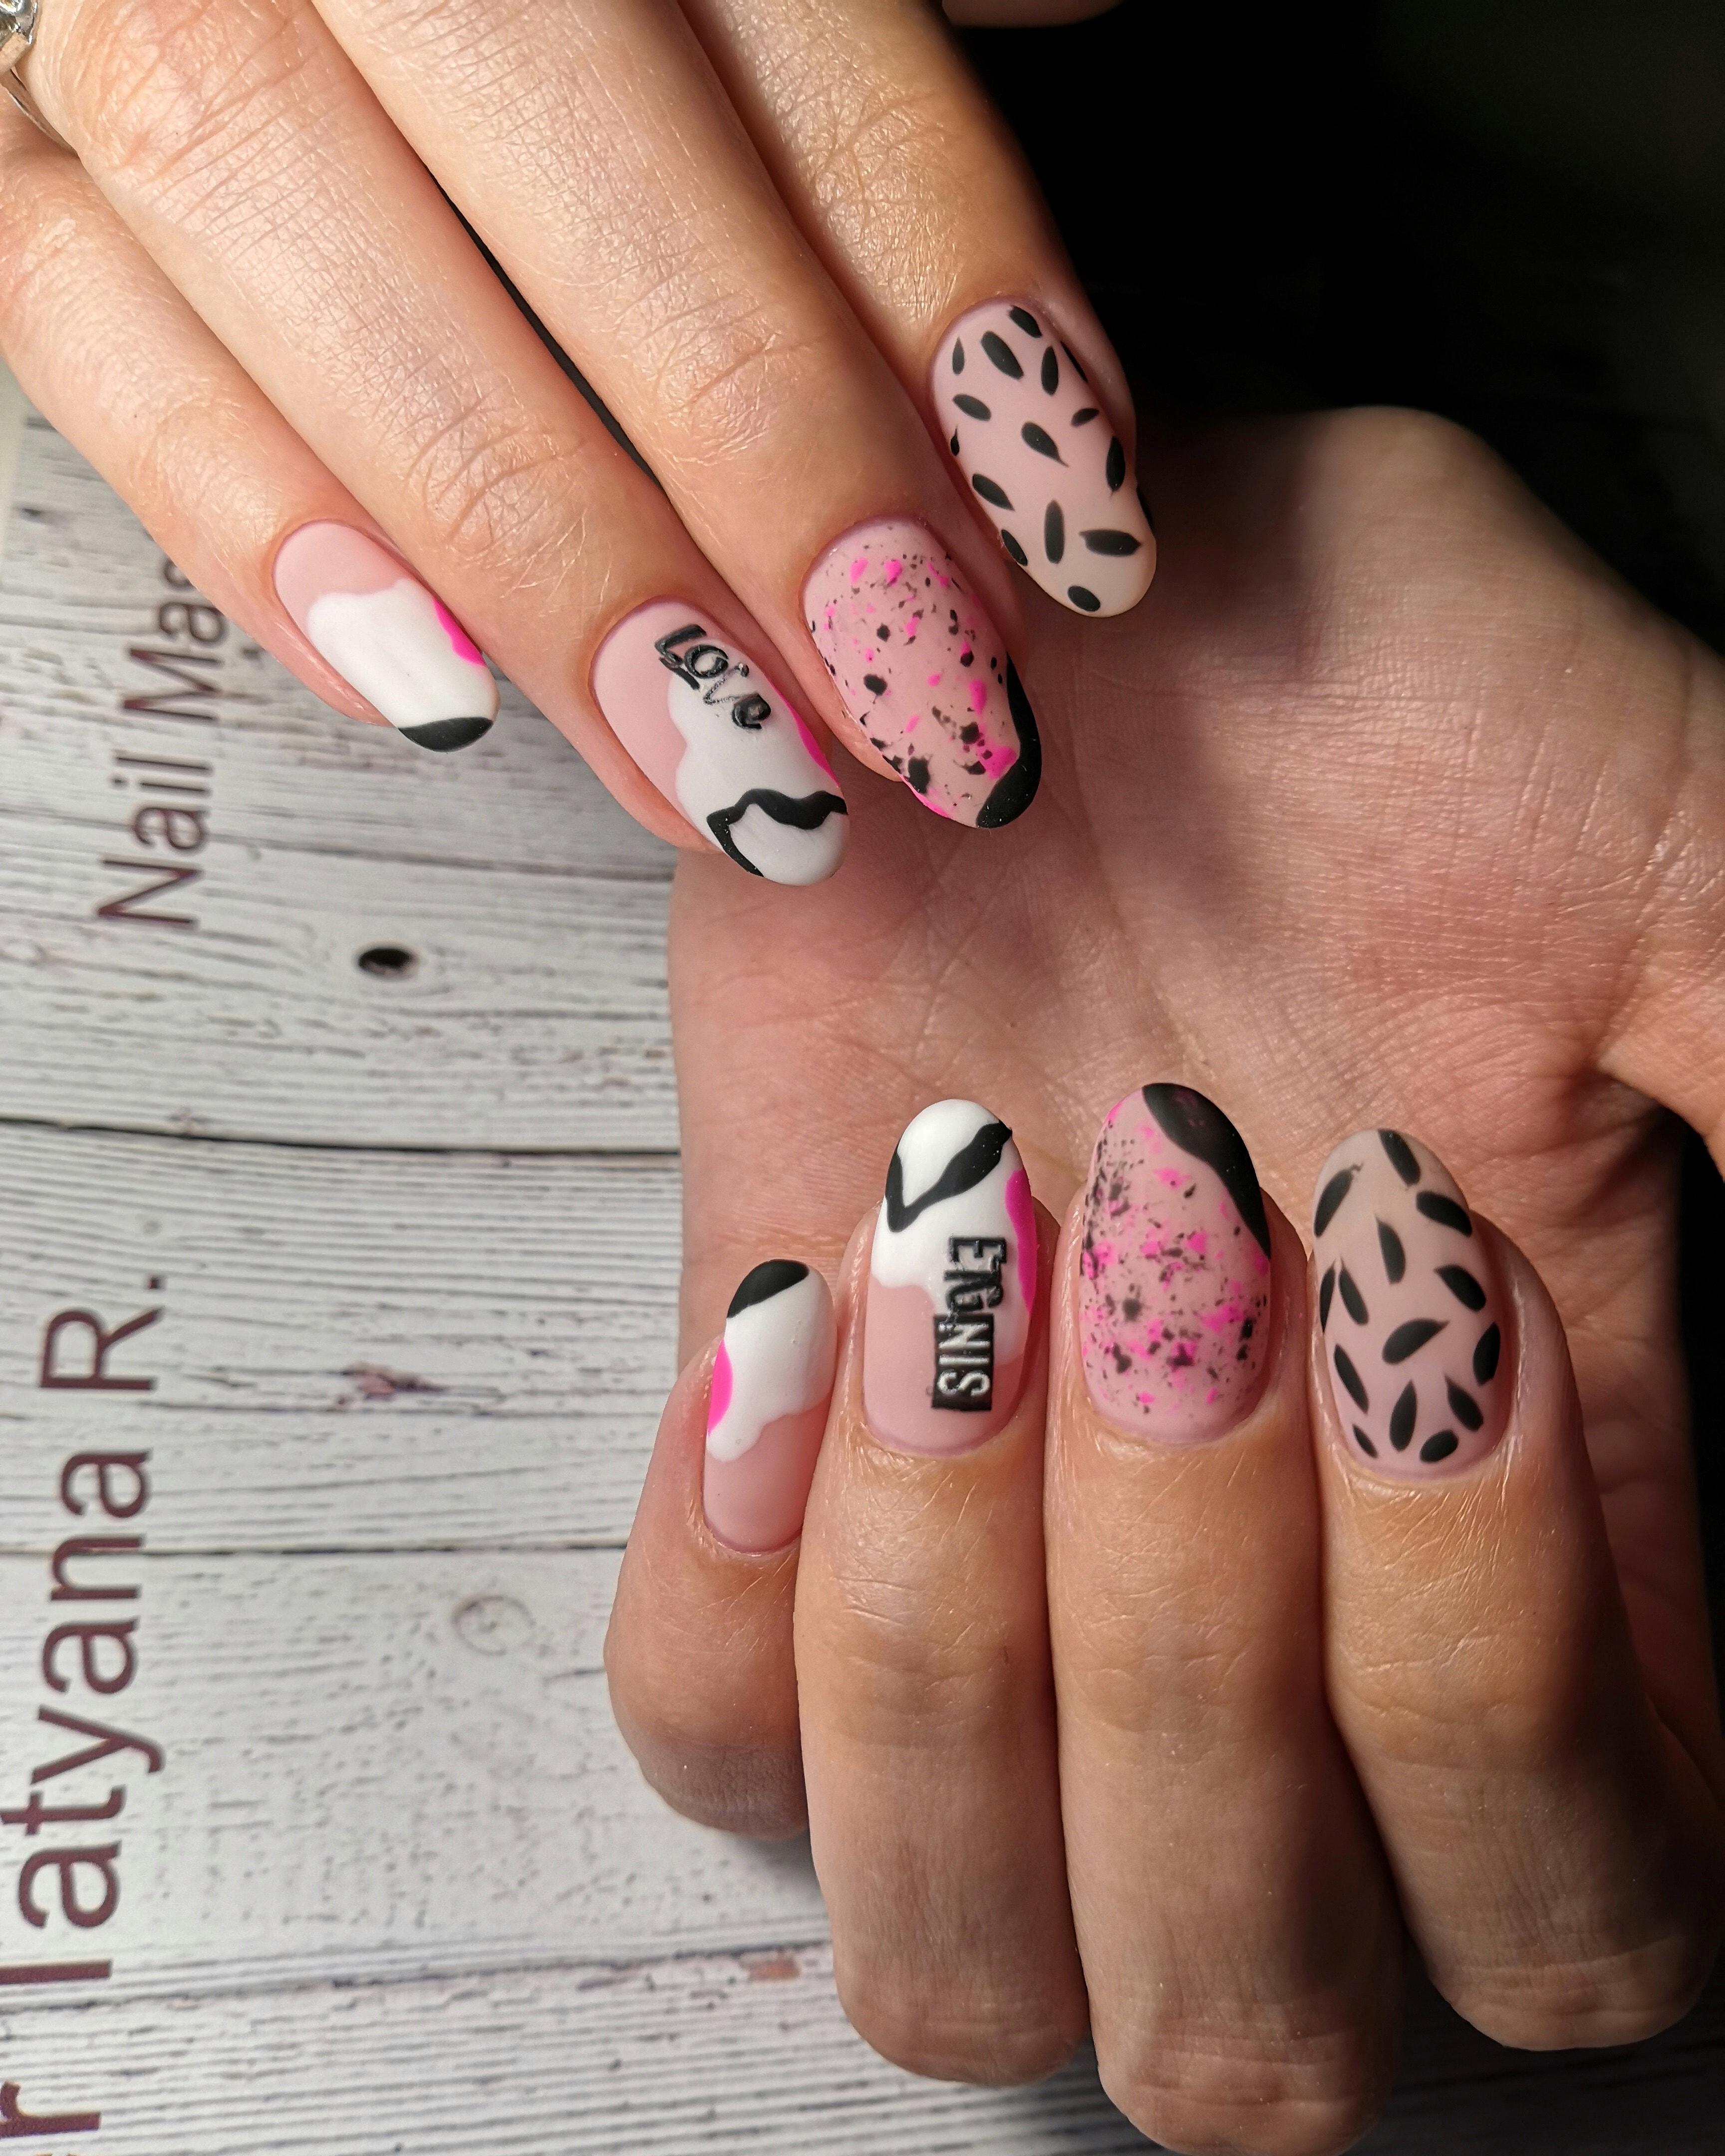 Матовый маникюр с абстрактным рисунком и надписями на короткие ногти.